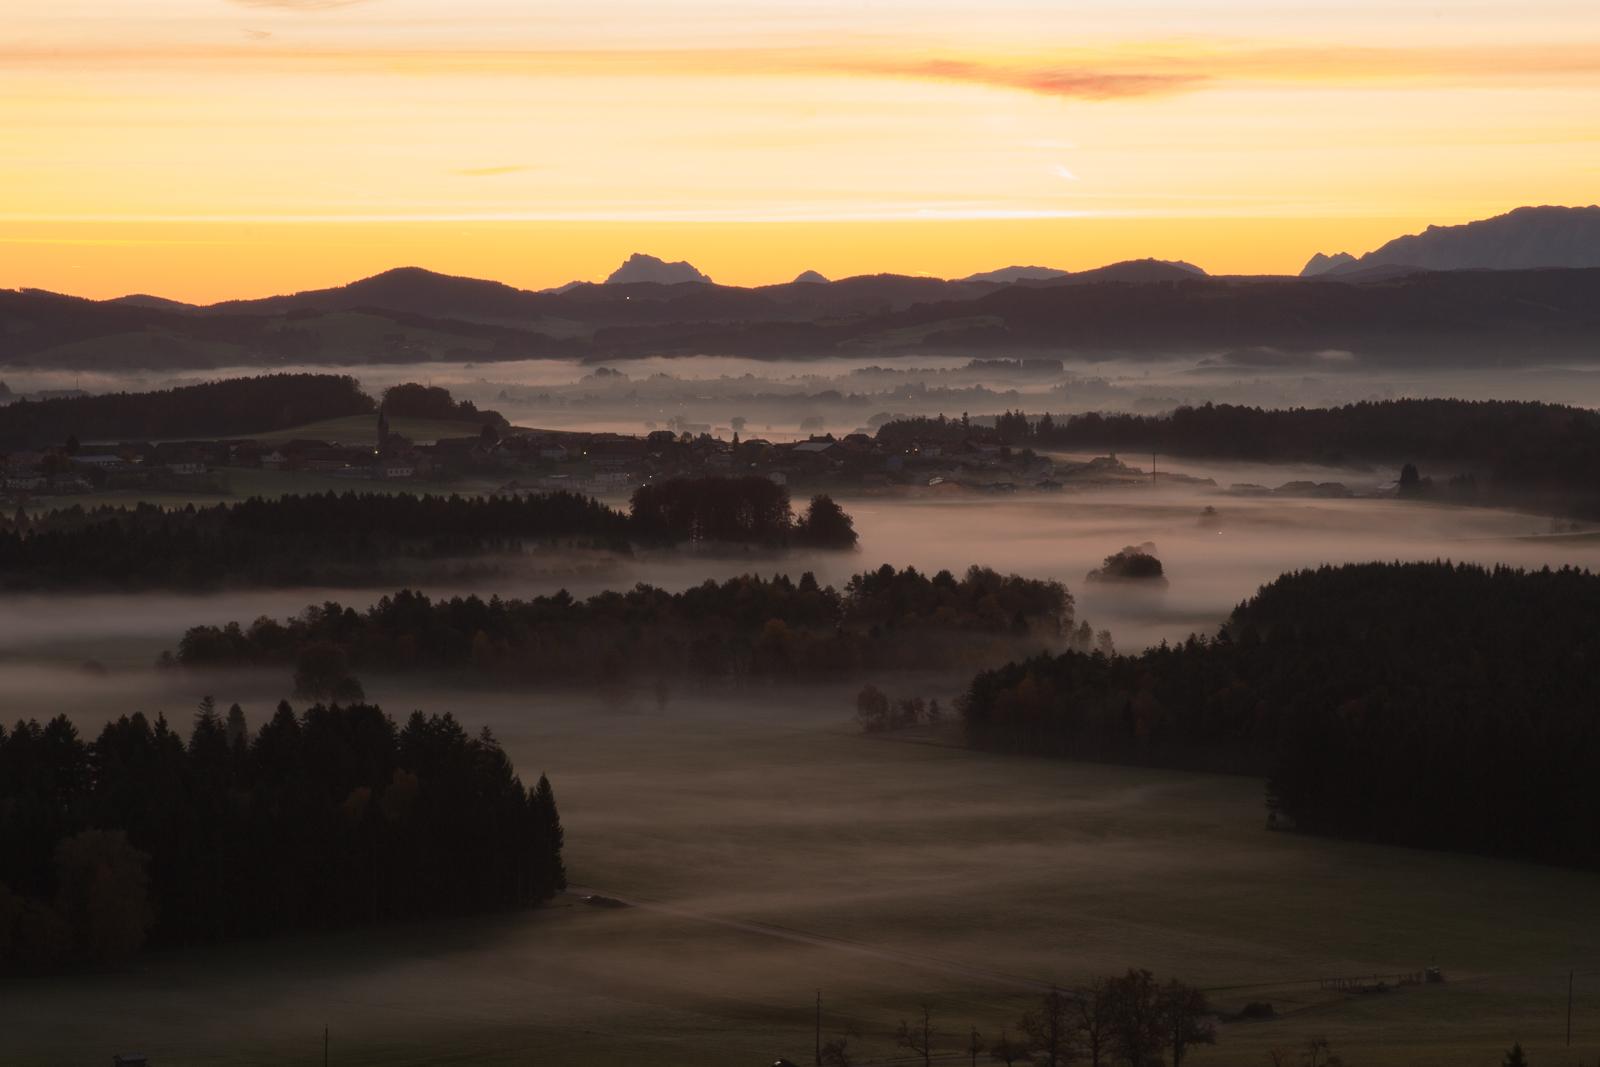 Herbststimmung bei Sonnenaufgang...